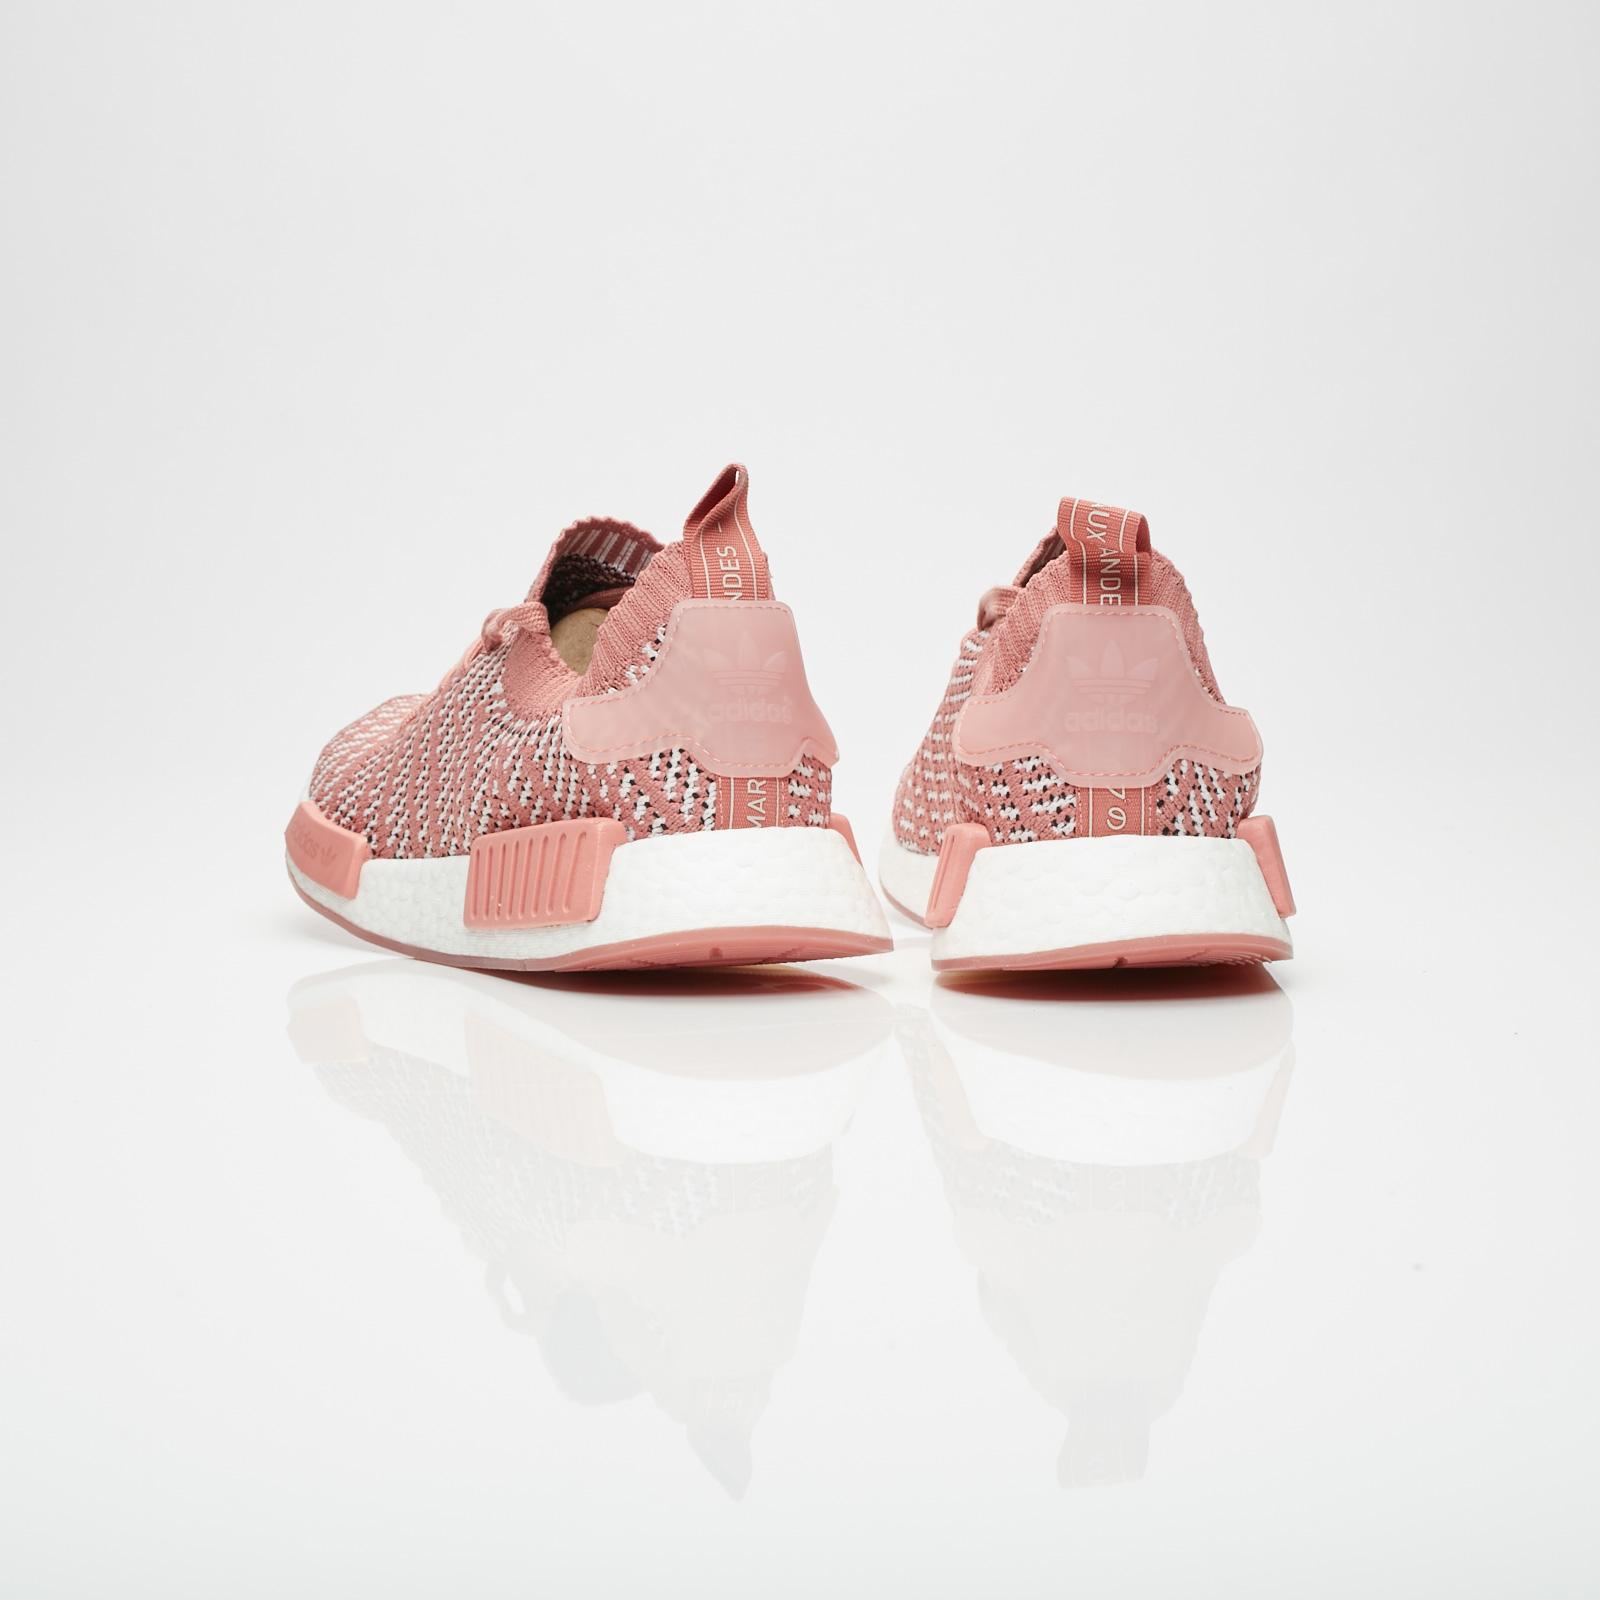 Adidas Nmd R1 Stlt Primeknit Womens Cq2028 Sneakersnstuff